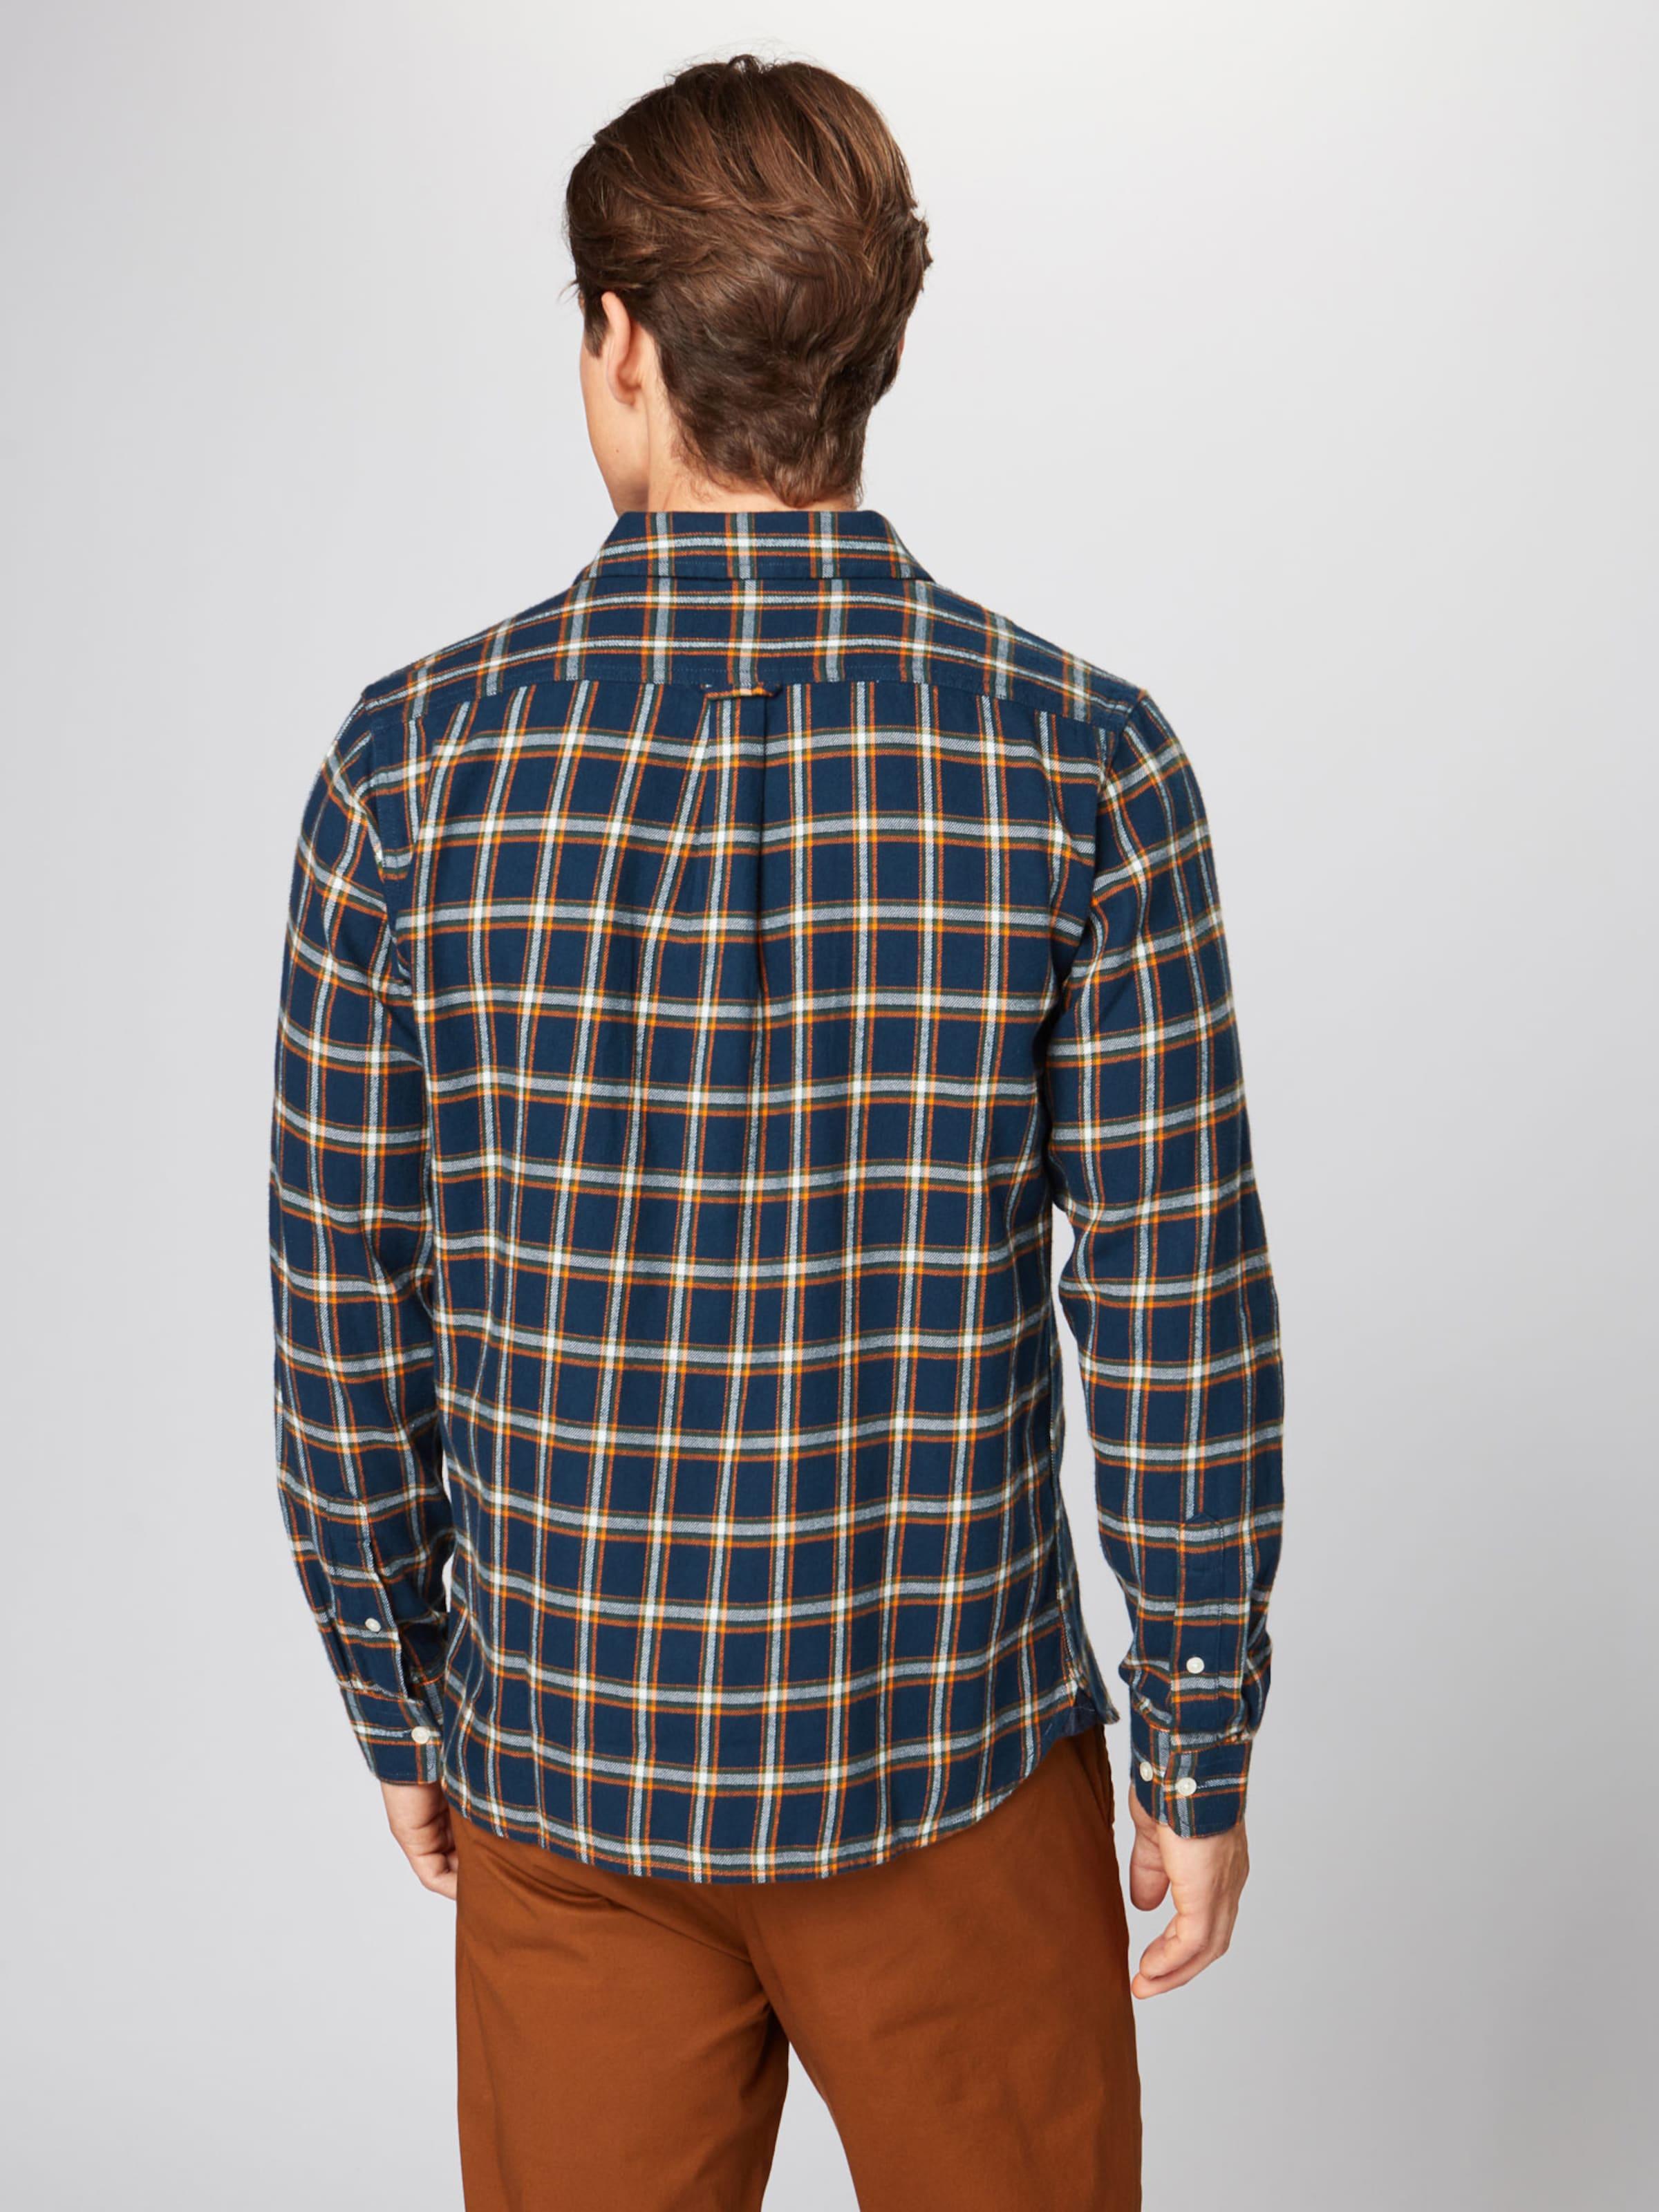 DunkelblauOrange Weiß Knowledgecotton In 'flannel Apparel Checked Hemd Shirt' 1Fcl3JTK